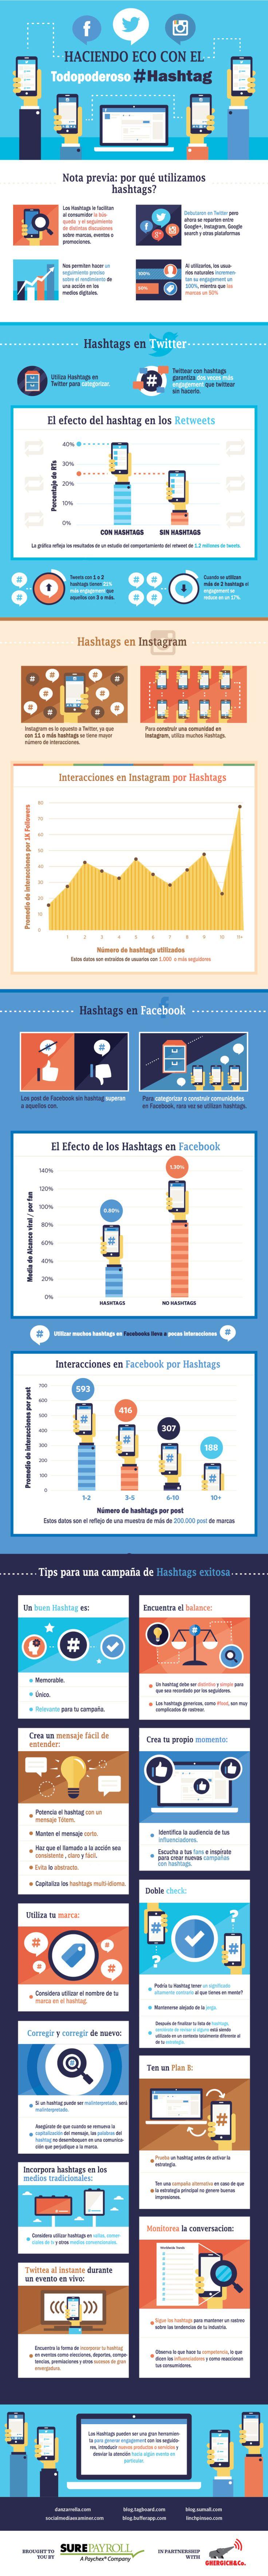 ¿Cómo hacer que tu historia sea legendaria utilizando Hashtags? (Infografía)